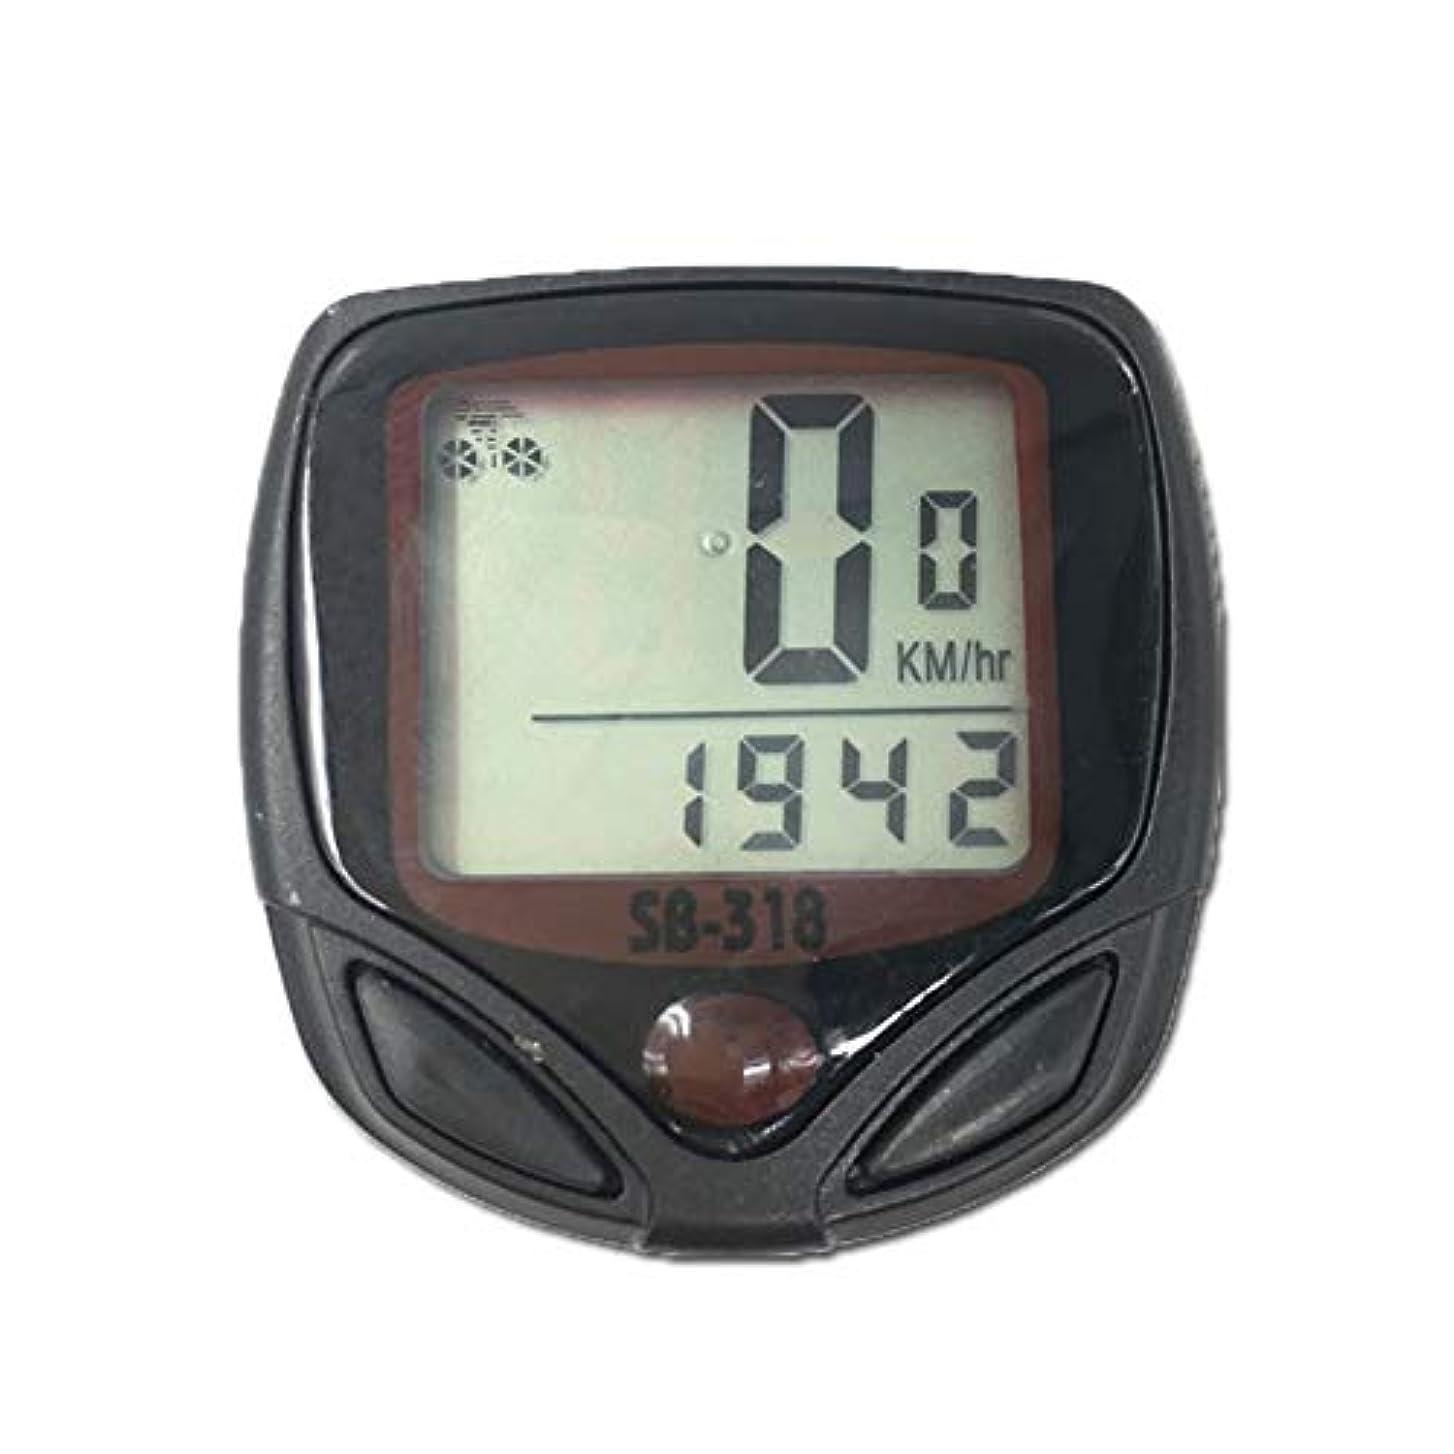 広範囲大理石フィラデルフィアスピードメーター走行距離計、1PC防水自転車バイクサイクルLCDディスプレイデジタルコンピュータースピードメーター走行距離計(ブラック+レッド)